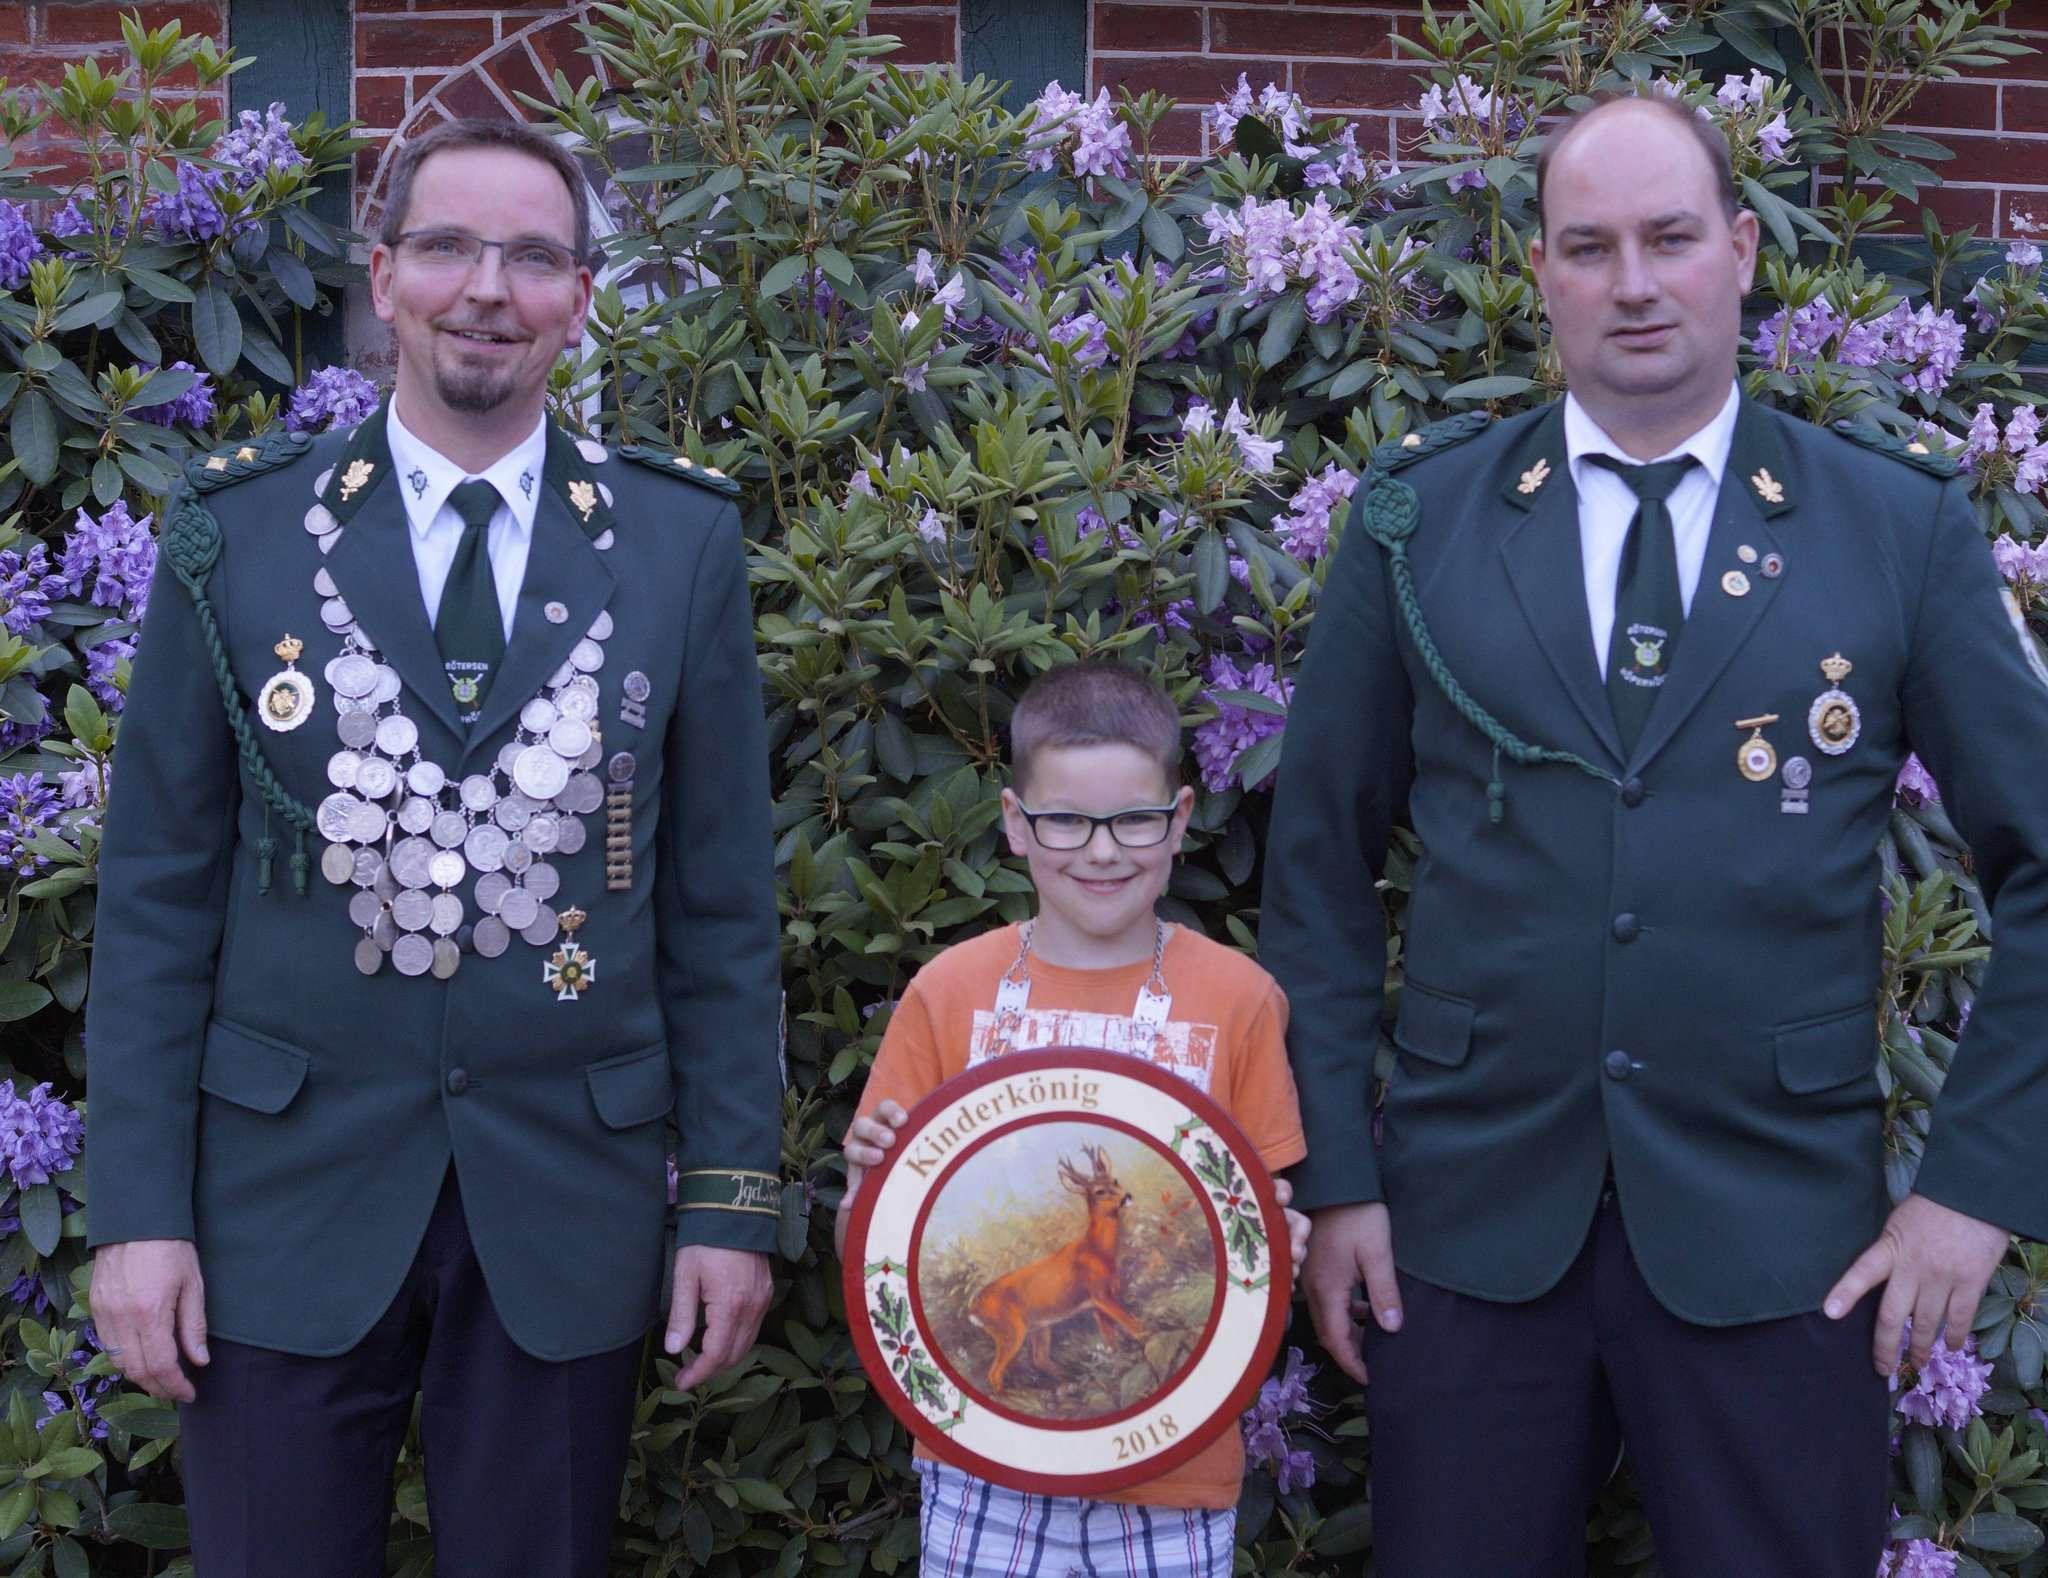 Schützenkönig Jörg Müller und Kinderkönig Justin Glitz mit dem Jugendwart Jürgen Cordes.